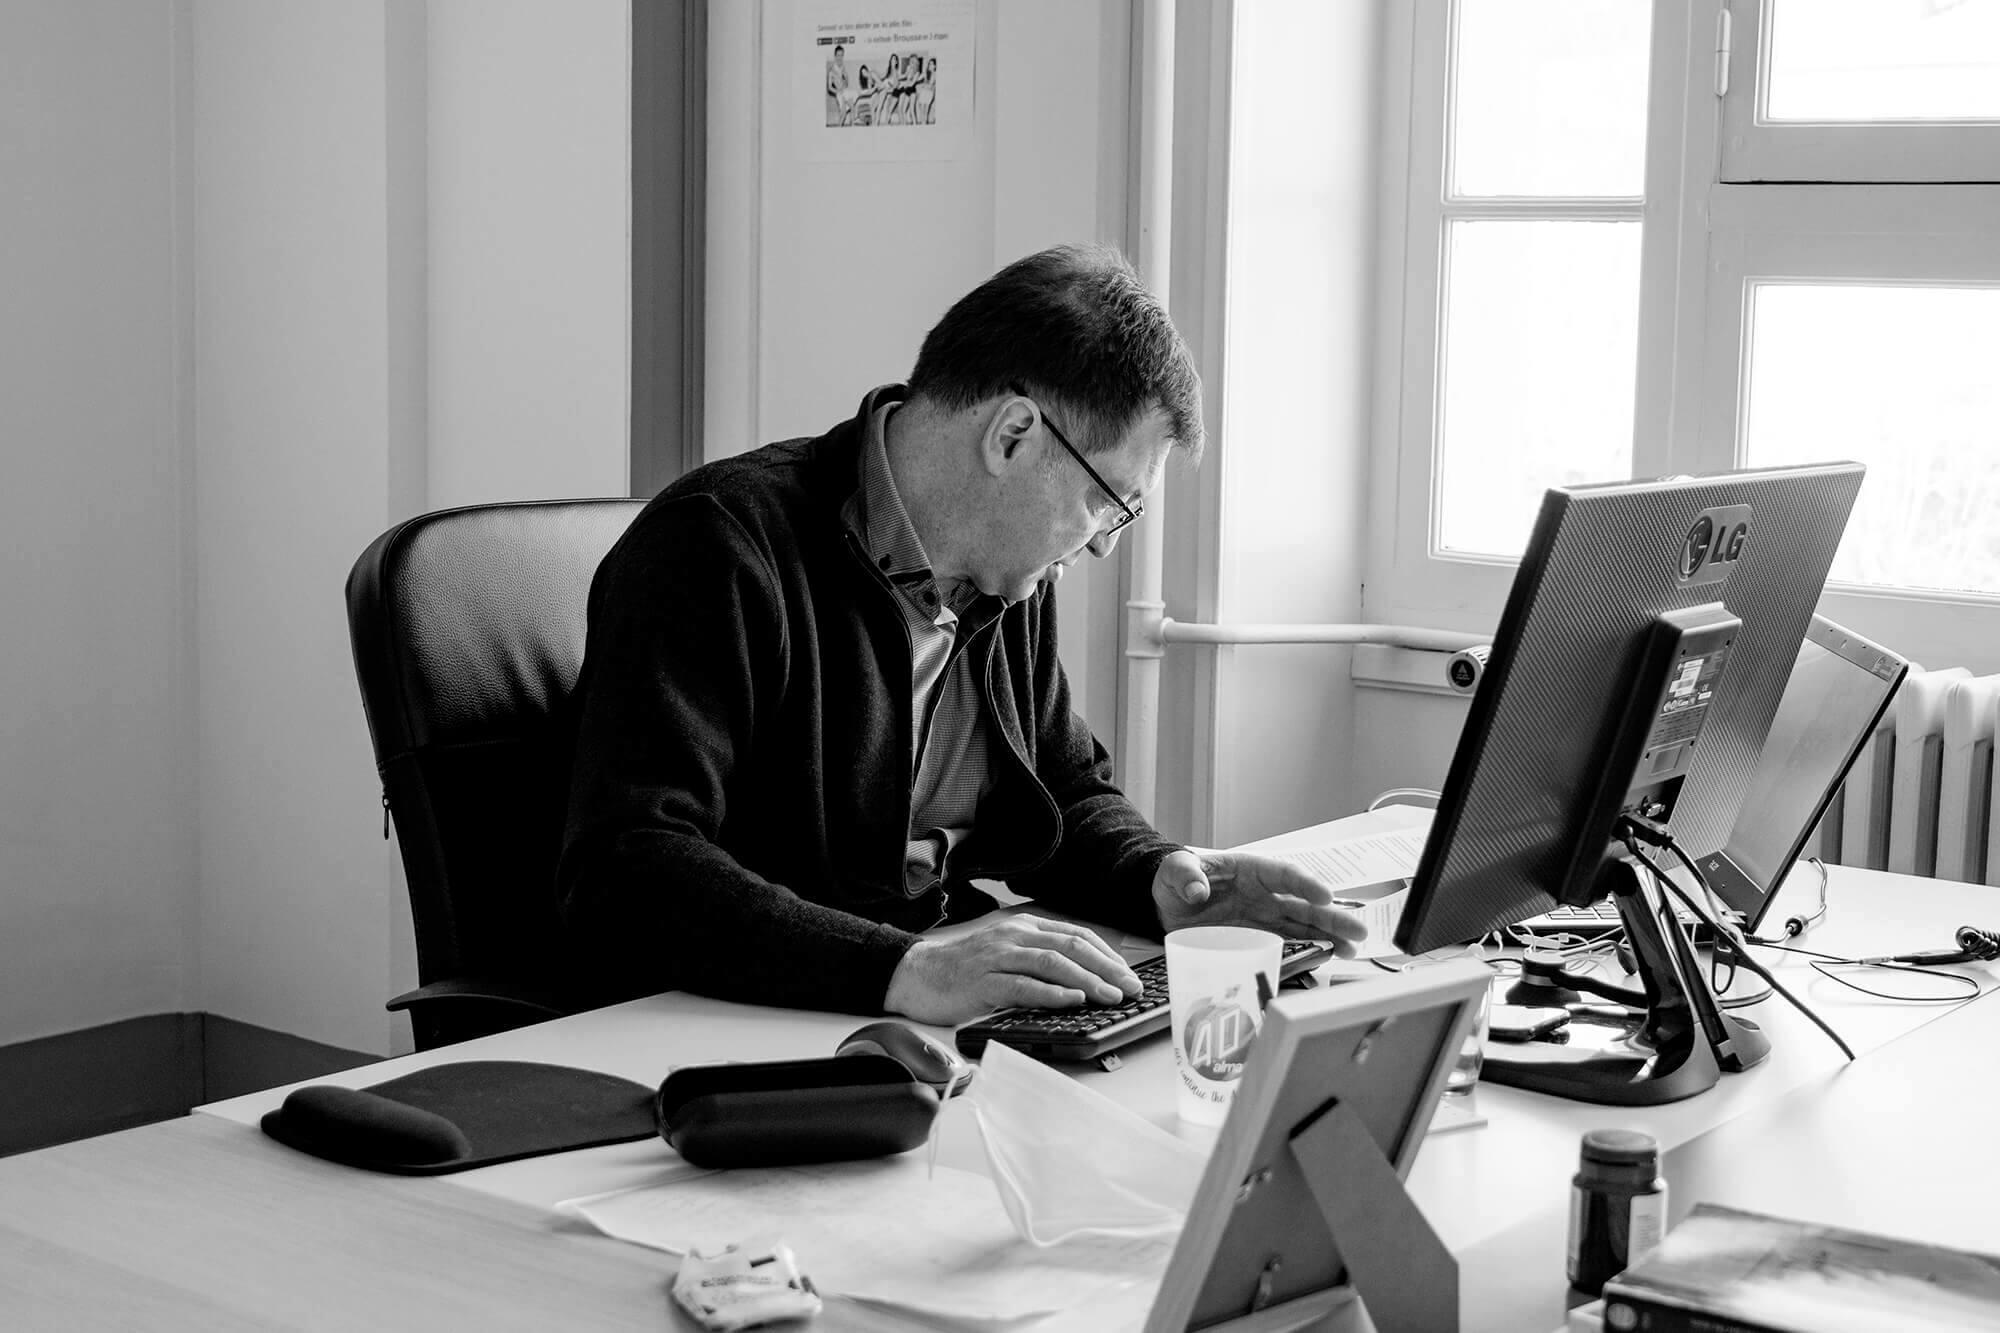 Homme en train d'écrire sur un ordinateur